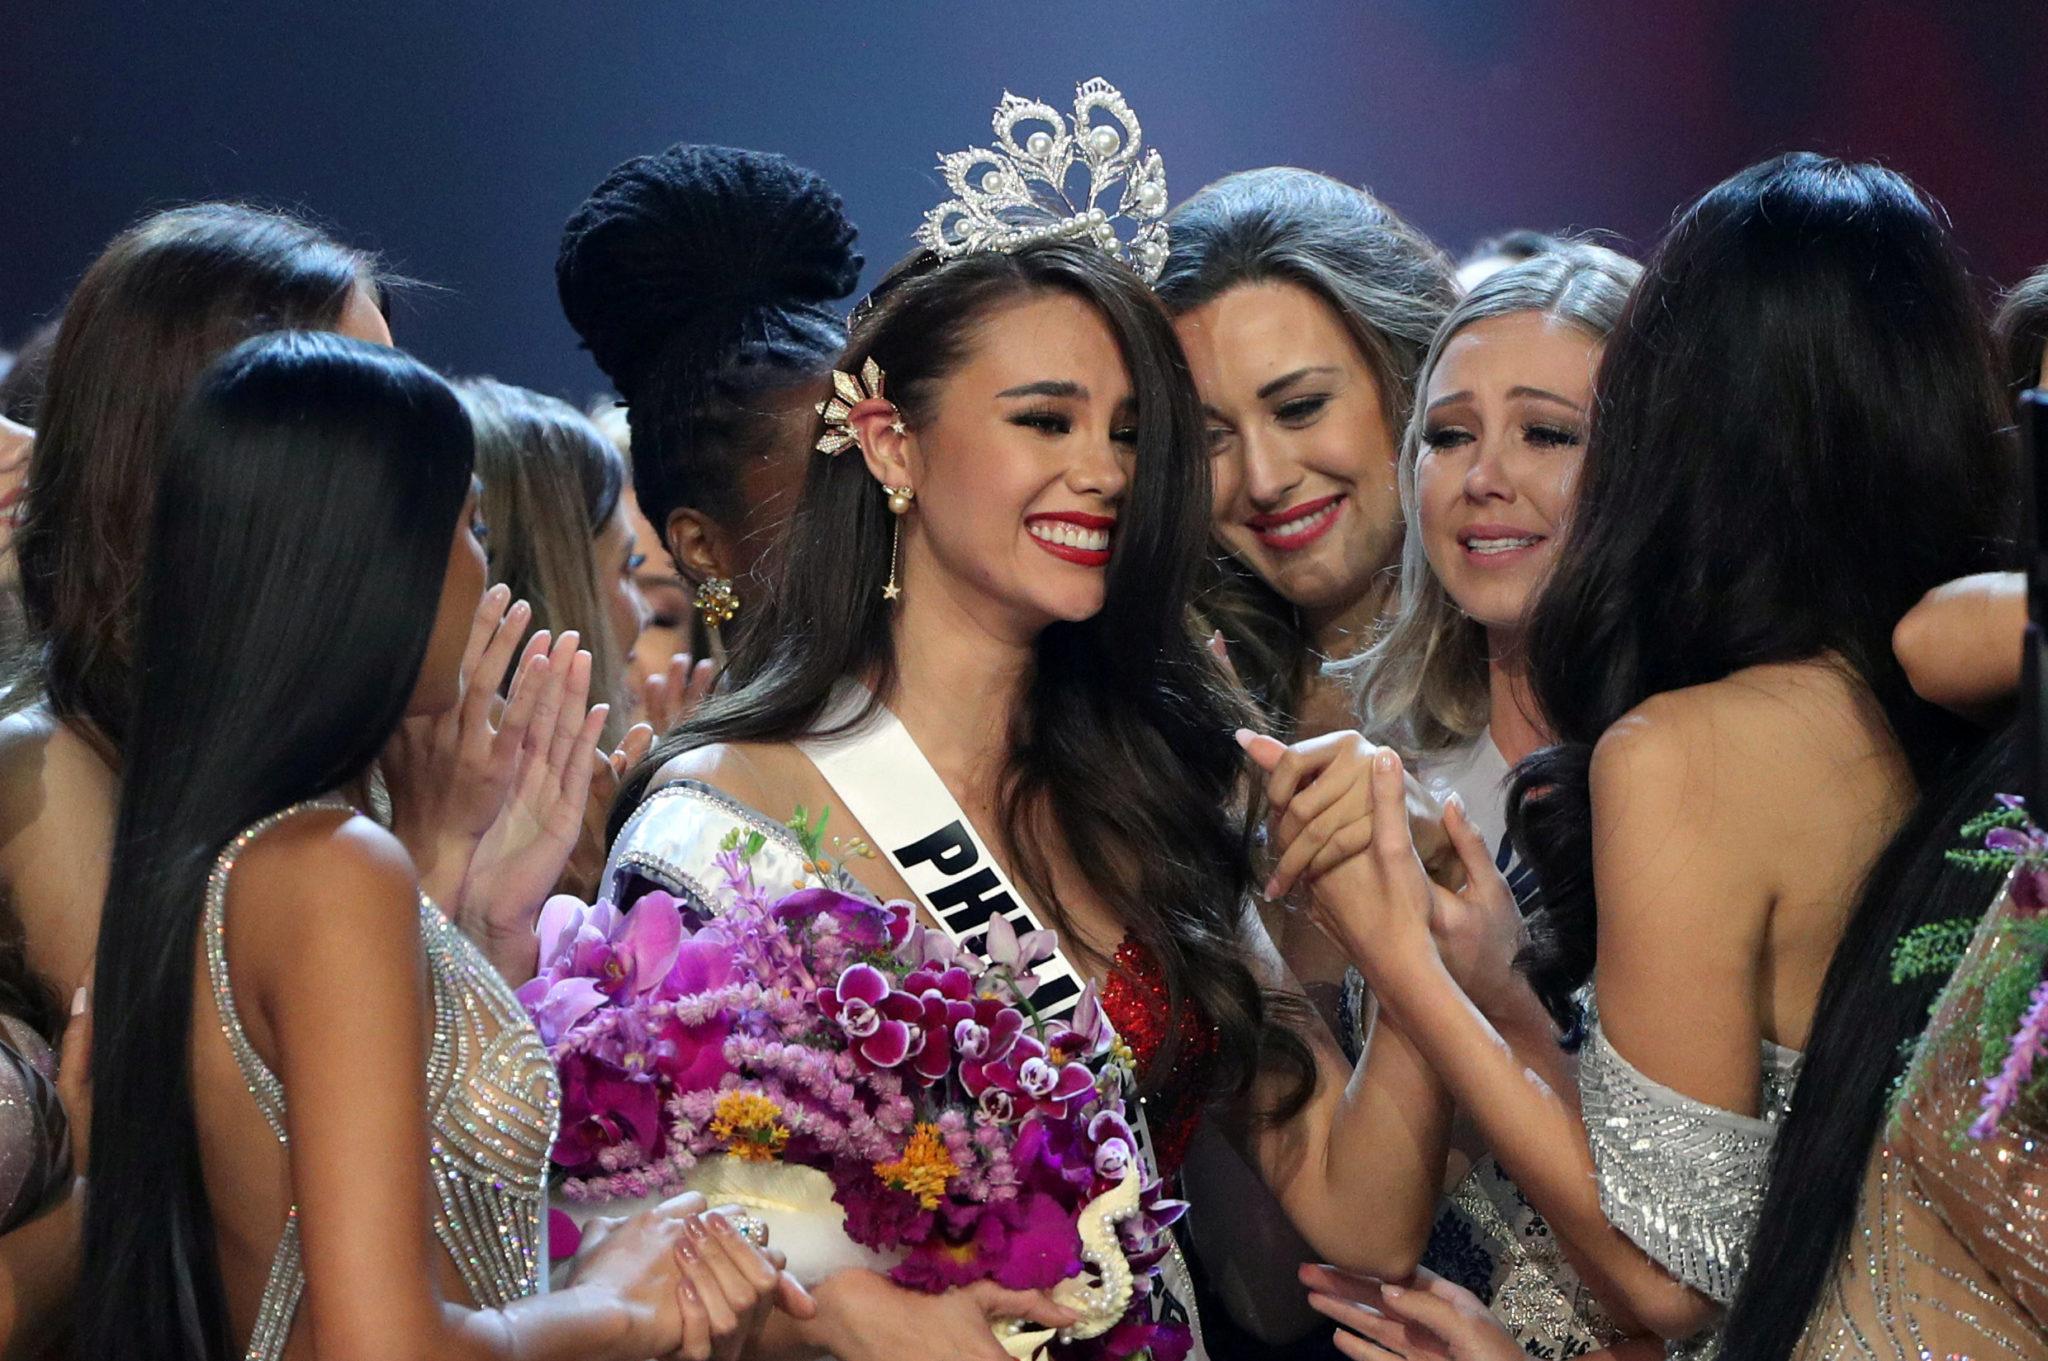 الفلبين تفوز بلقب ملكة جمال الكون للمرة الرابعة